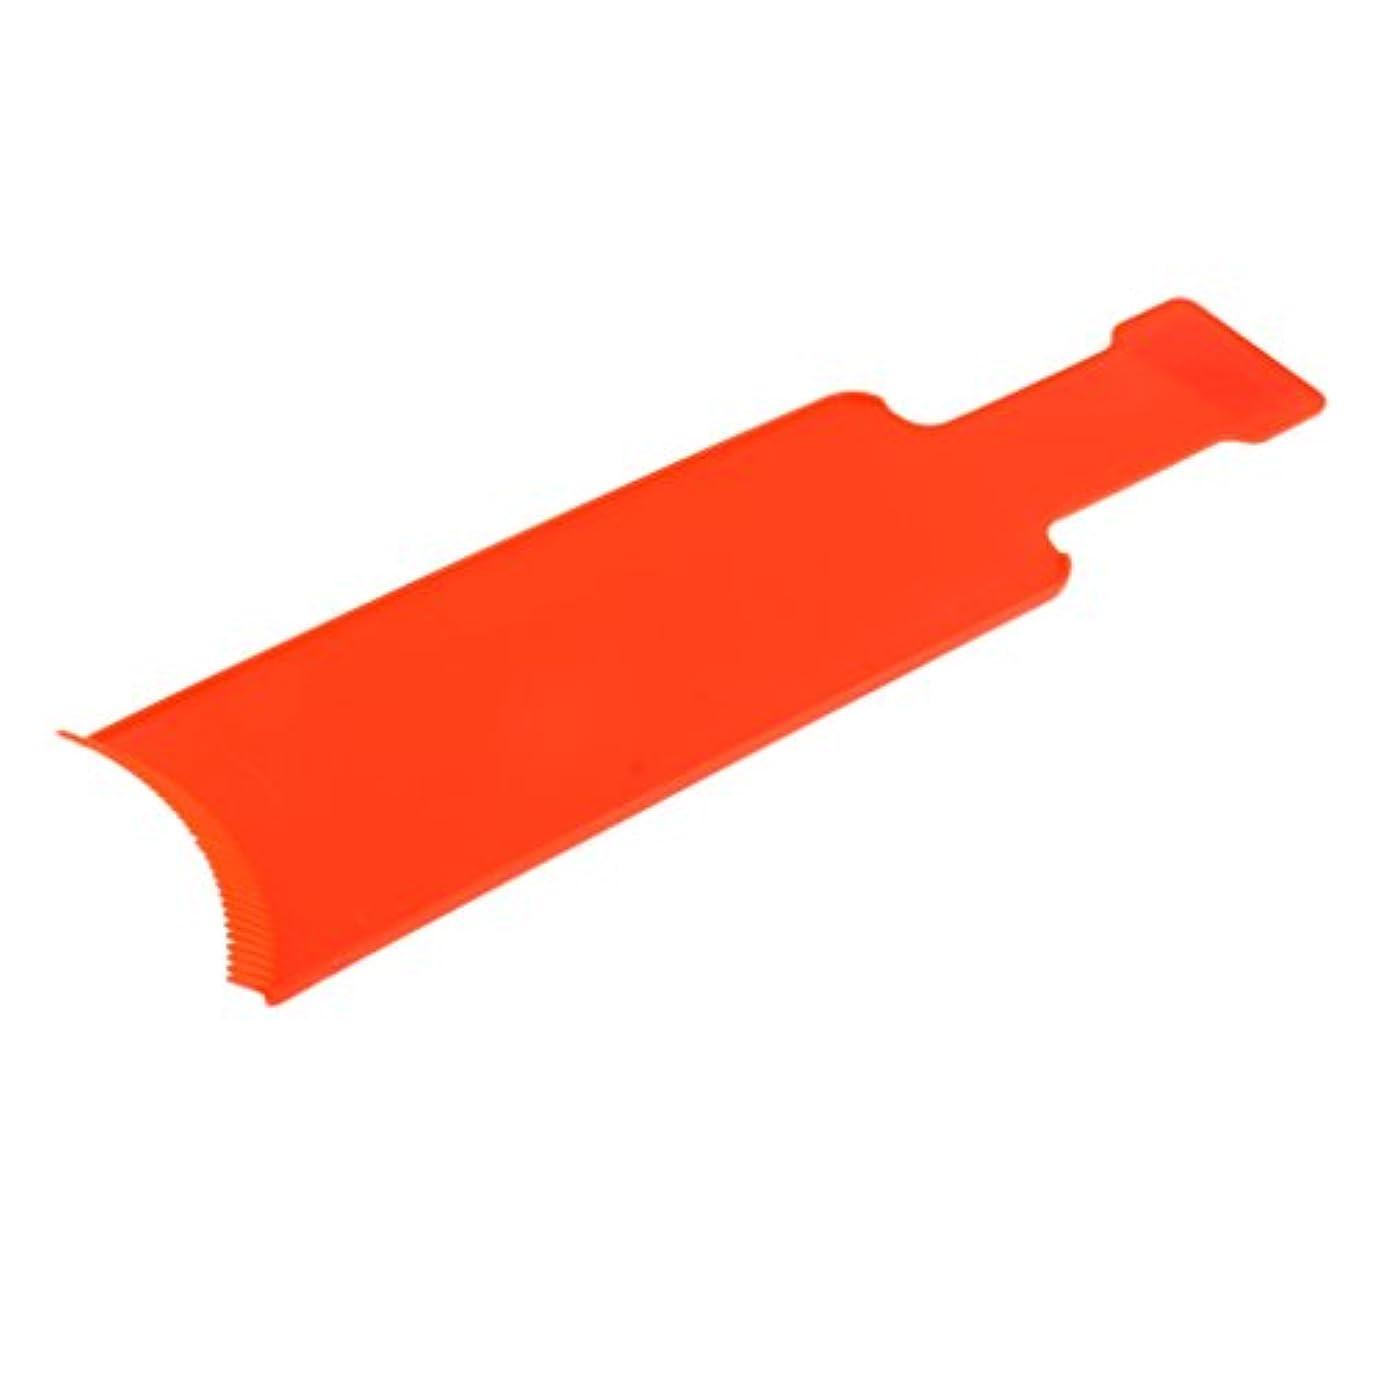 正しいアンタゴニストデッキ染色櫛プレート 染めボード ヘアカラー 櫛 着色ボード ヘアブラシ セルフヘルプ プロ 家庭用 2サイズ2色選べる - オレンジ, L